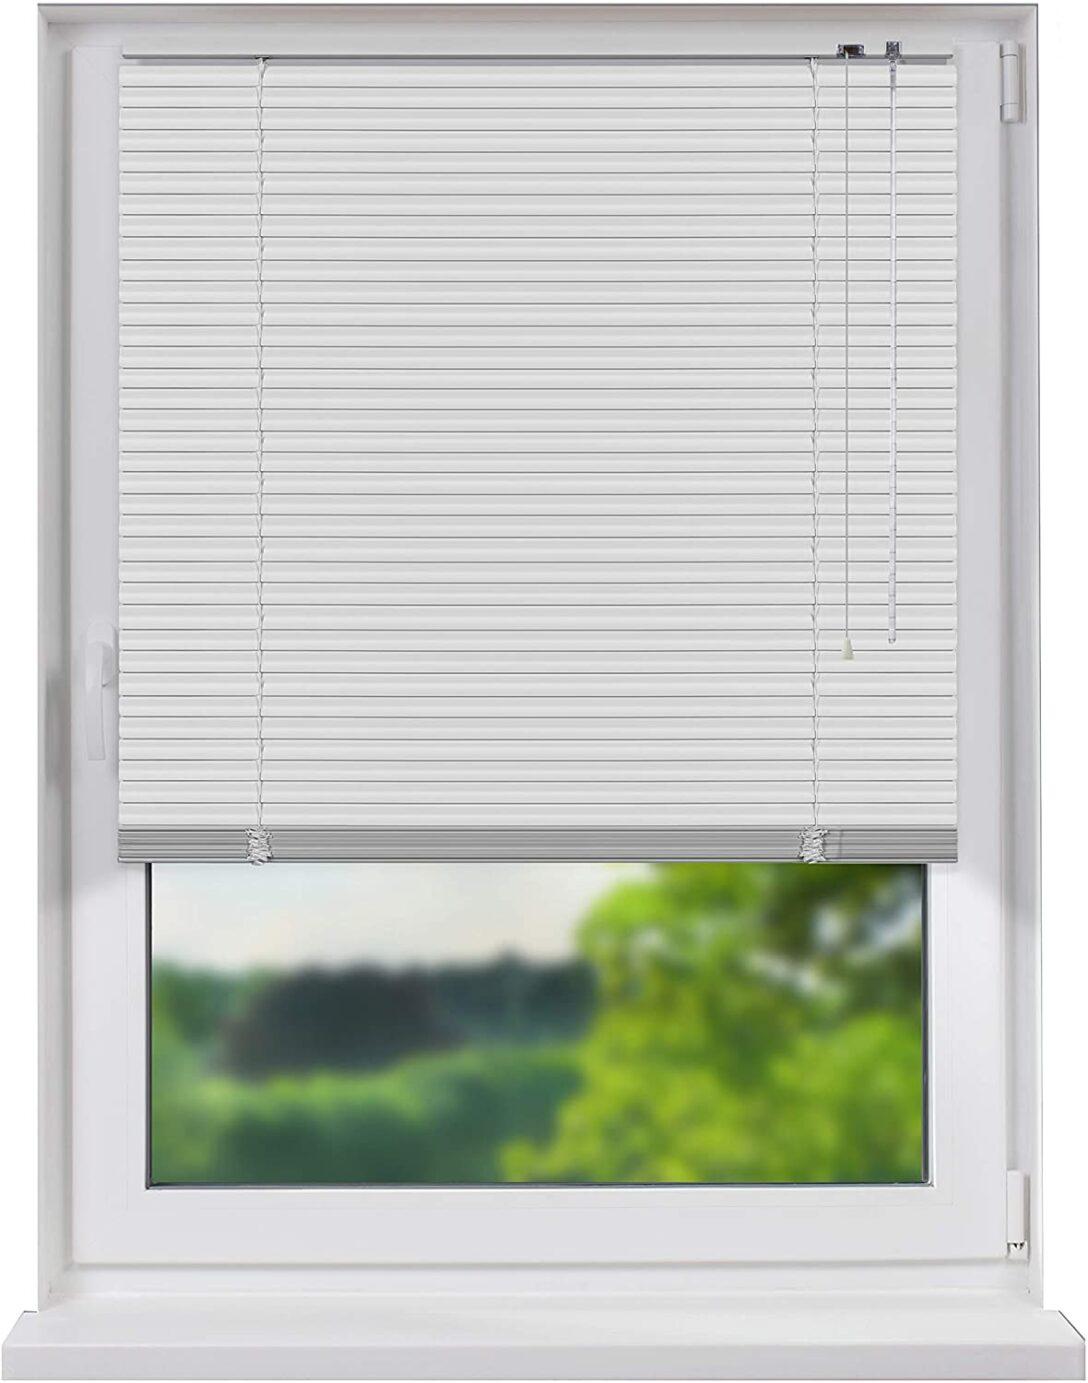 Large Size of Fenster Jalousien Innen Fensterrahmen Amazonde Fensterdecor Aluminium Jalousie Insektenschutz Velux Preise Wärmeschutzfolie Küche Gewinnen Einbruchschutz Wohnzimmer Fenster Jalousien Innen Fensterrahmen